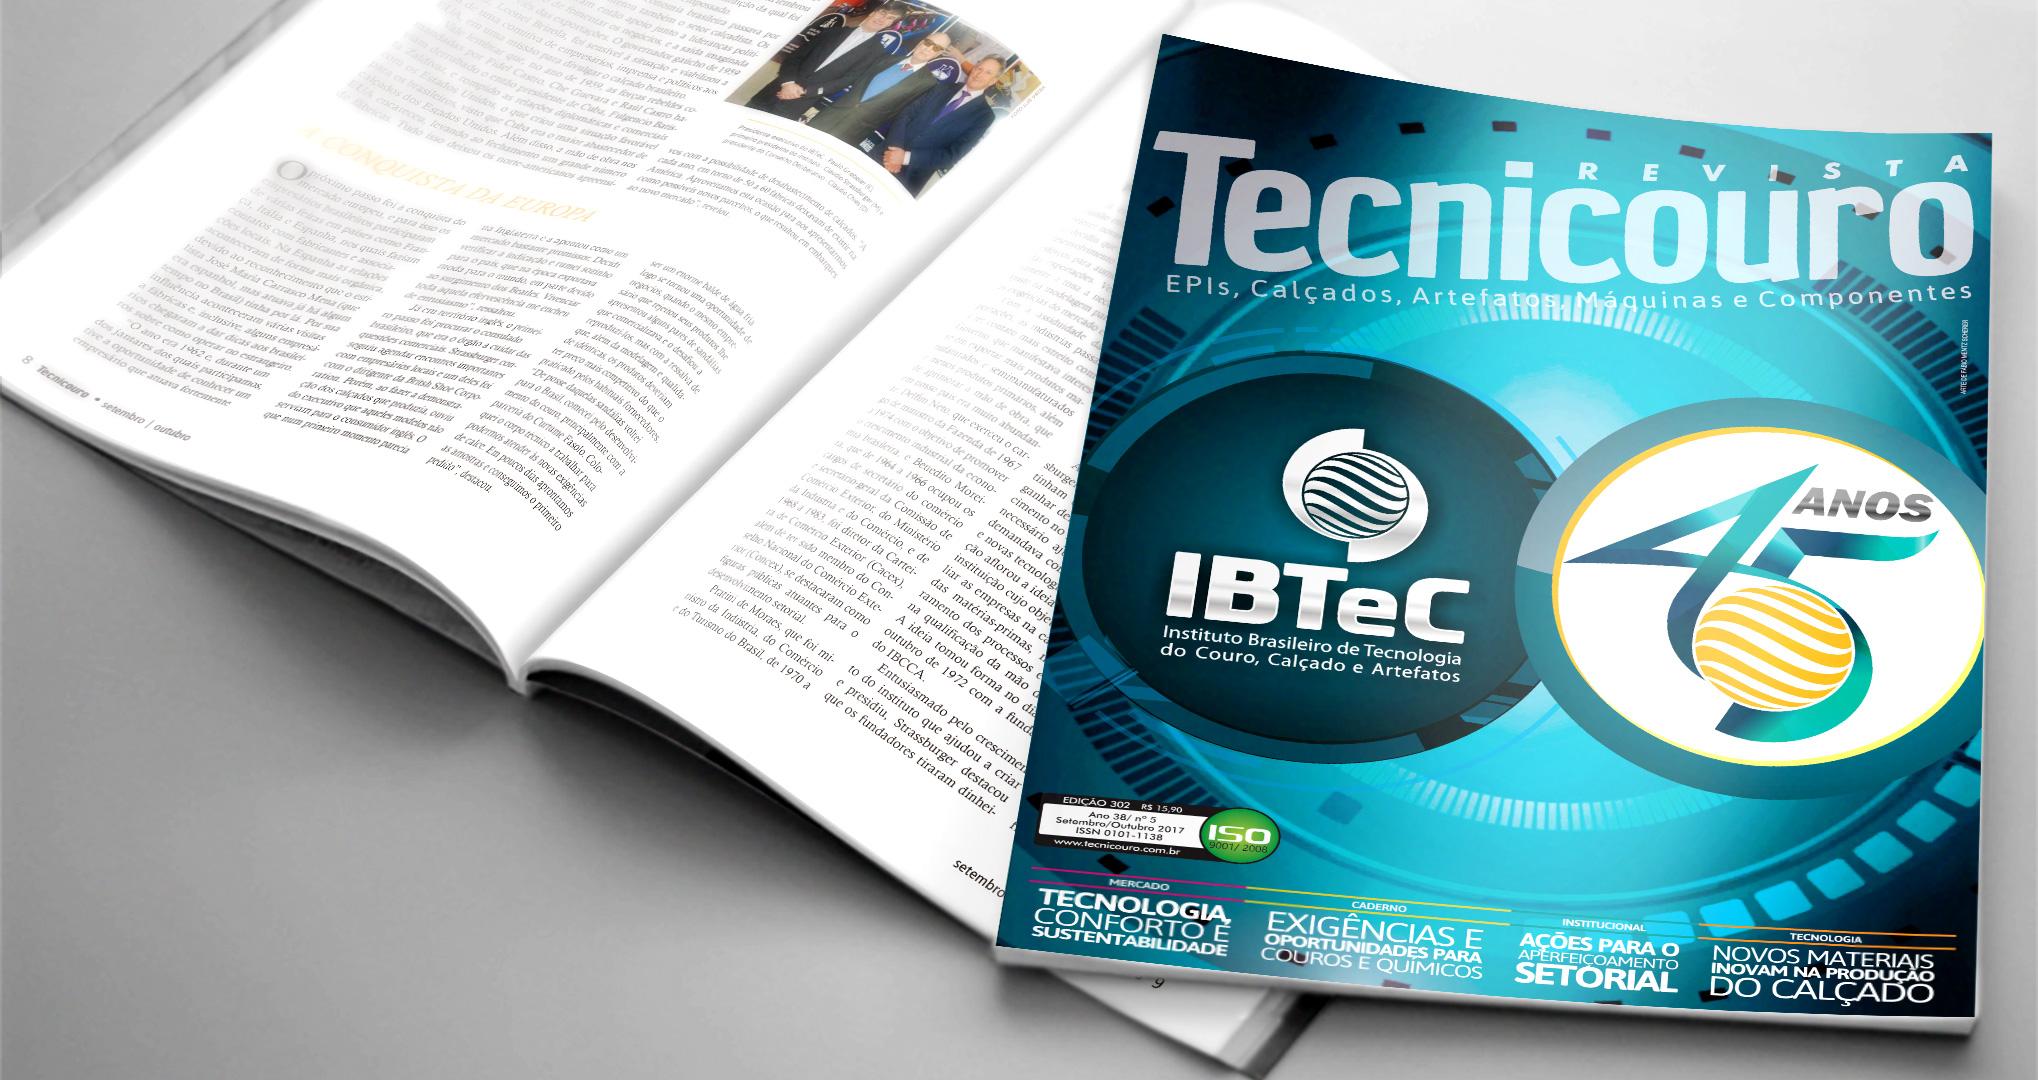 Edição Comemorativa da Revista Tecnicouro está no ar!